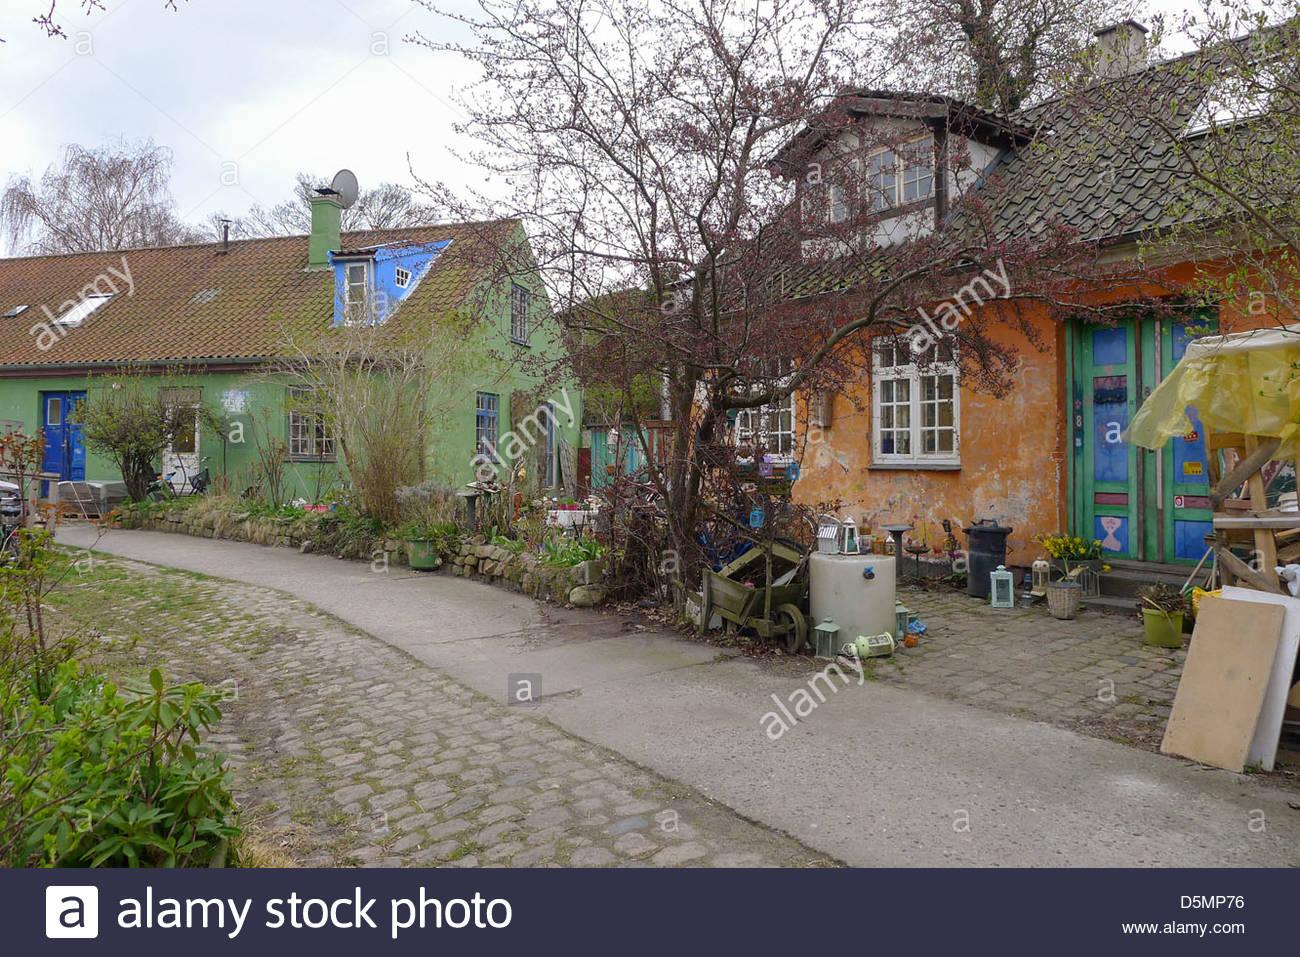 Buildings in Freetown Christiania, Copenhagen, Region Hovedstaden, Denmark Stock Photo